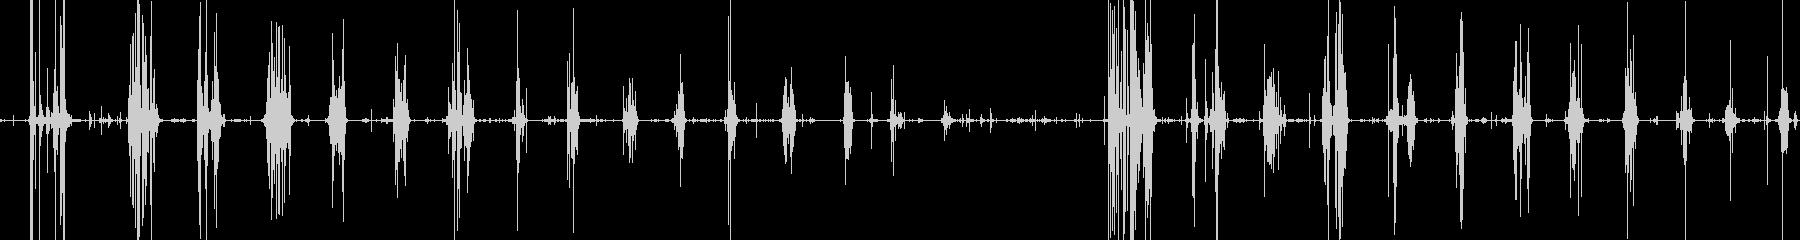 たくあんをボリッコリッとかじる音の未再生の波形